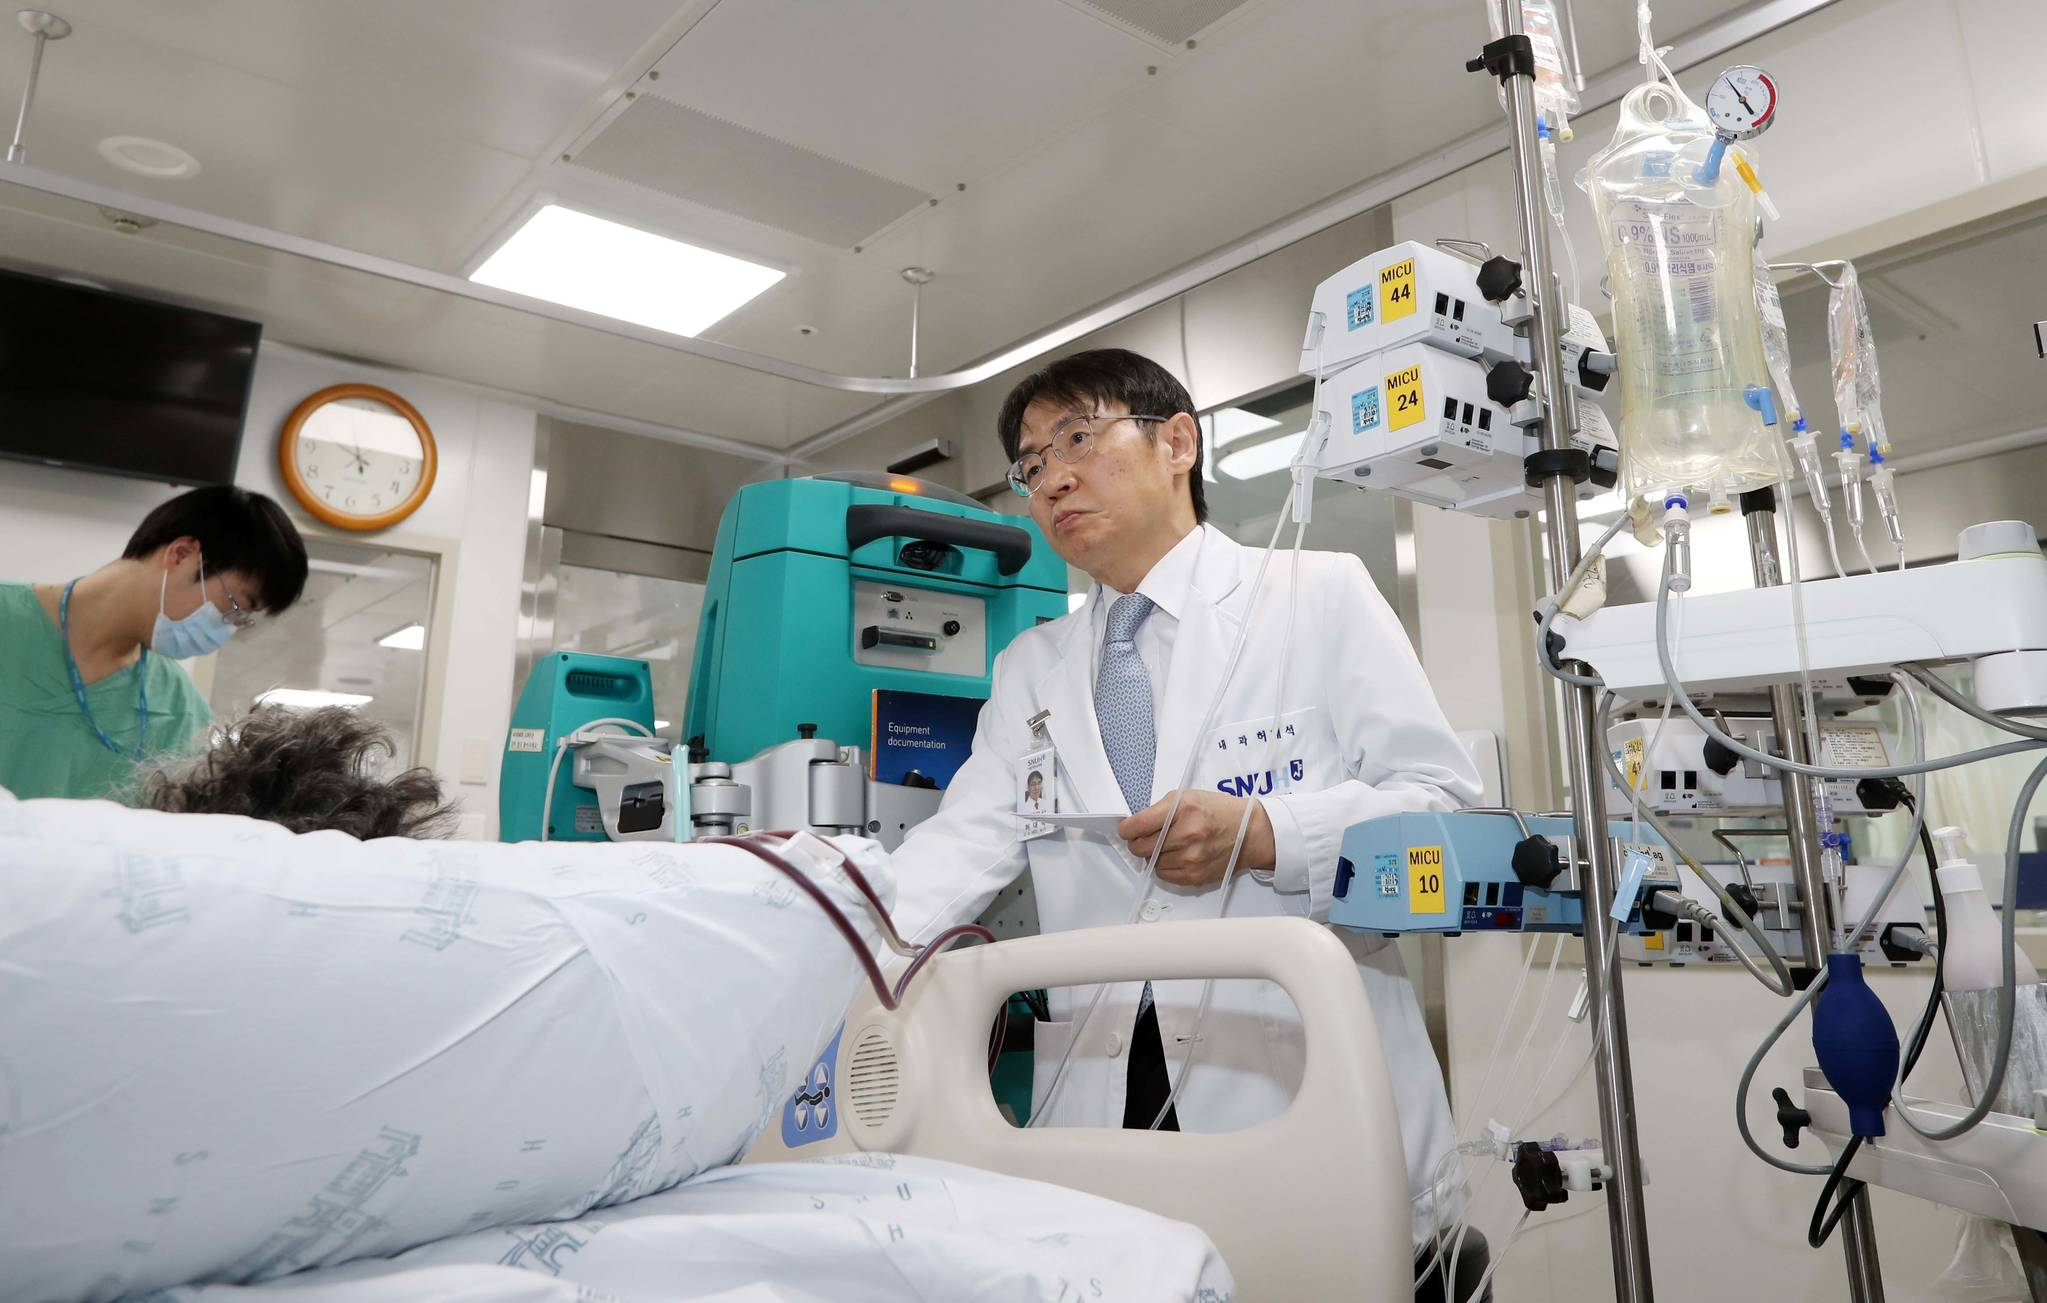 허대석 교수가 중환자실에서 연명의료 중인 암 환자를 살피고 있다. 이 환자는 인공호흡기,혈액투석, 승압제 등 9개의 줄을 달고 있다. 김상선 기자